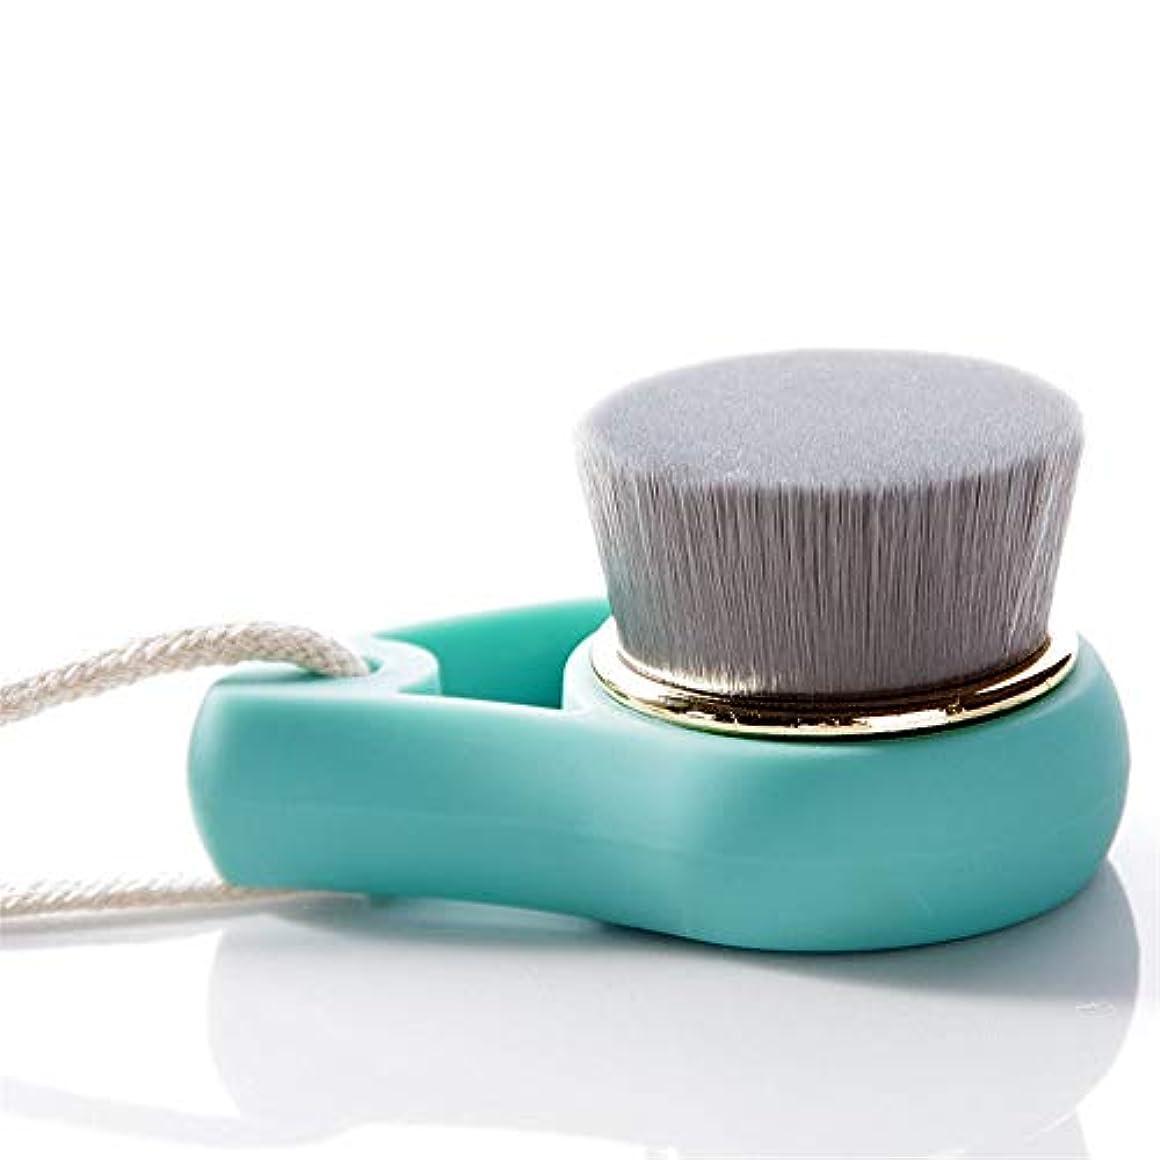 生きる出演者贈り物洗顔ブラシ ソフト剛毛フェイスクリーニング美容ブラシ女性のクレンジングブラシ ディープクレンジングスキンケア用